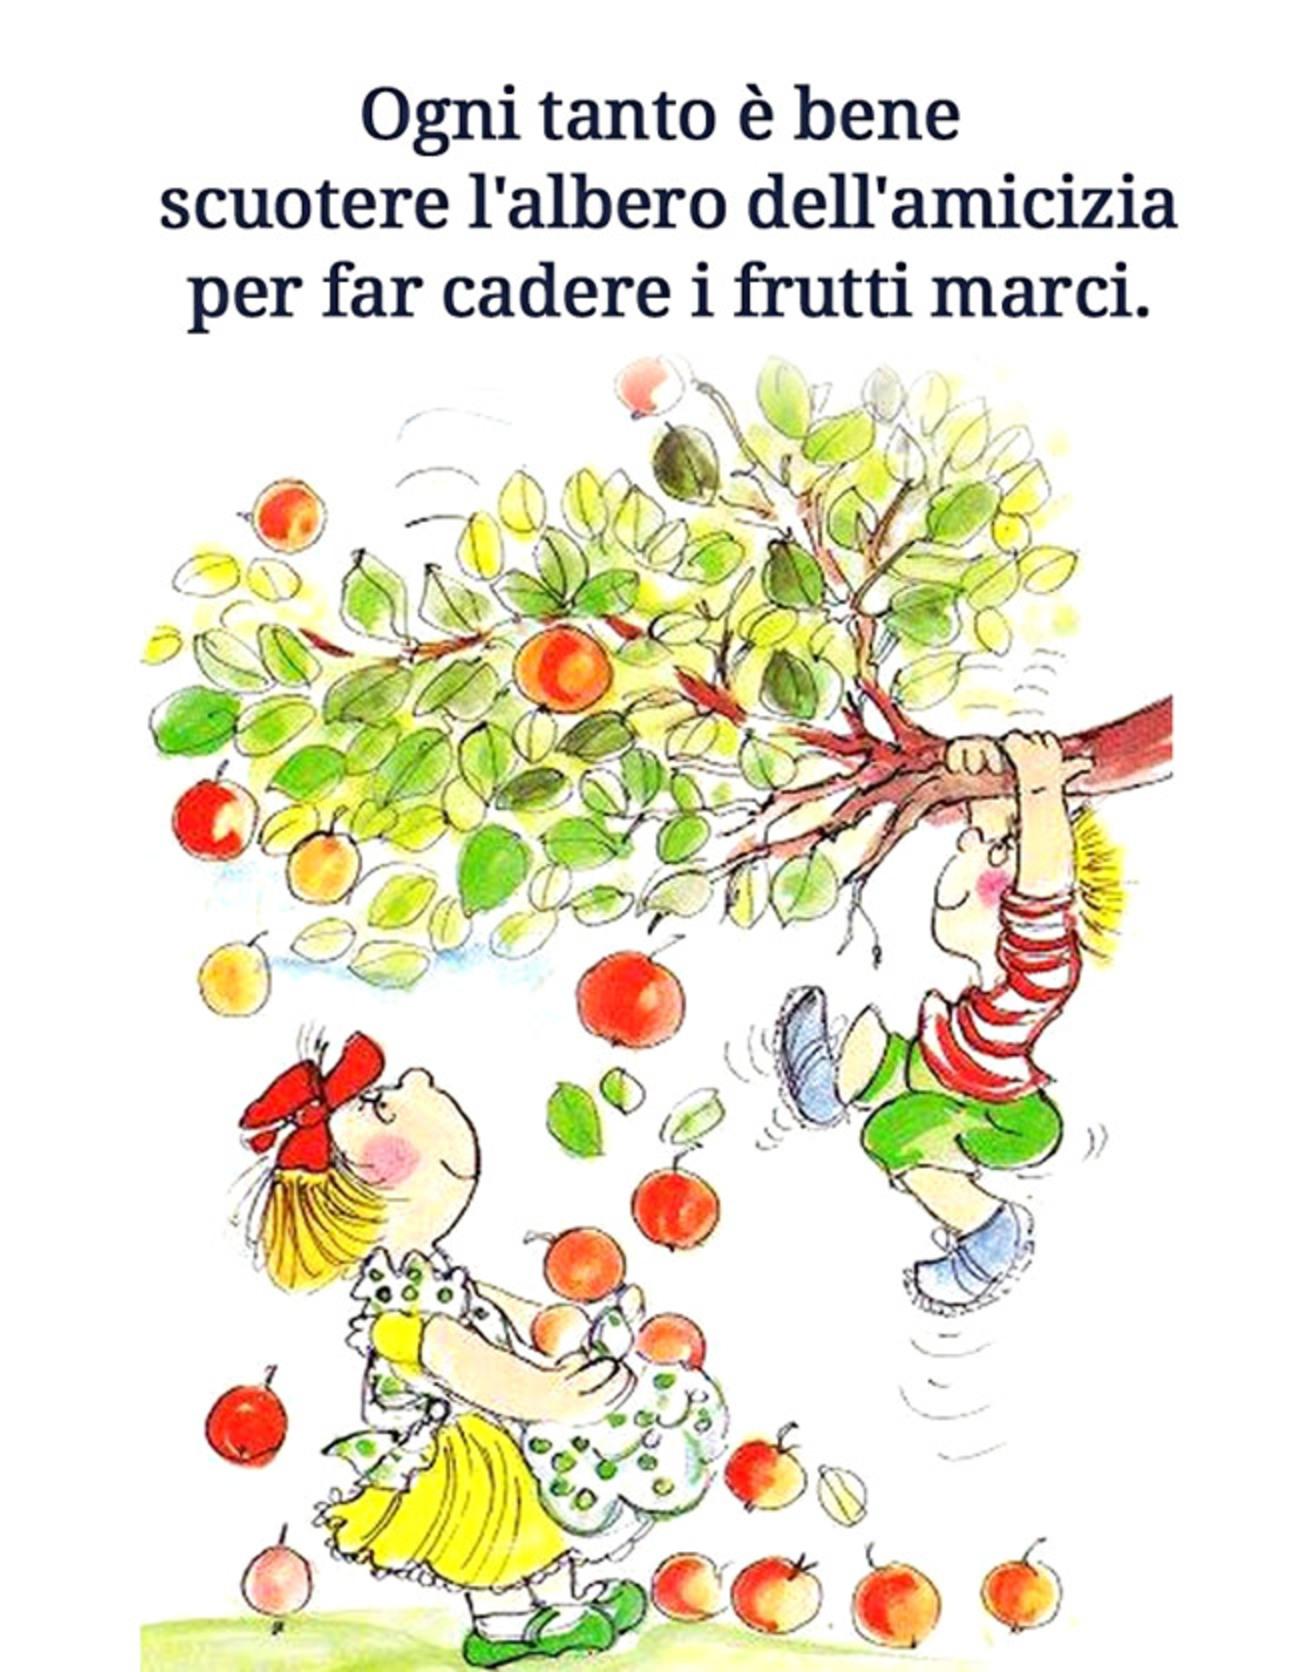 Ogni tanto è bene scuotere l'albero dell'amicizia per far cadere i frutti marci.